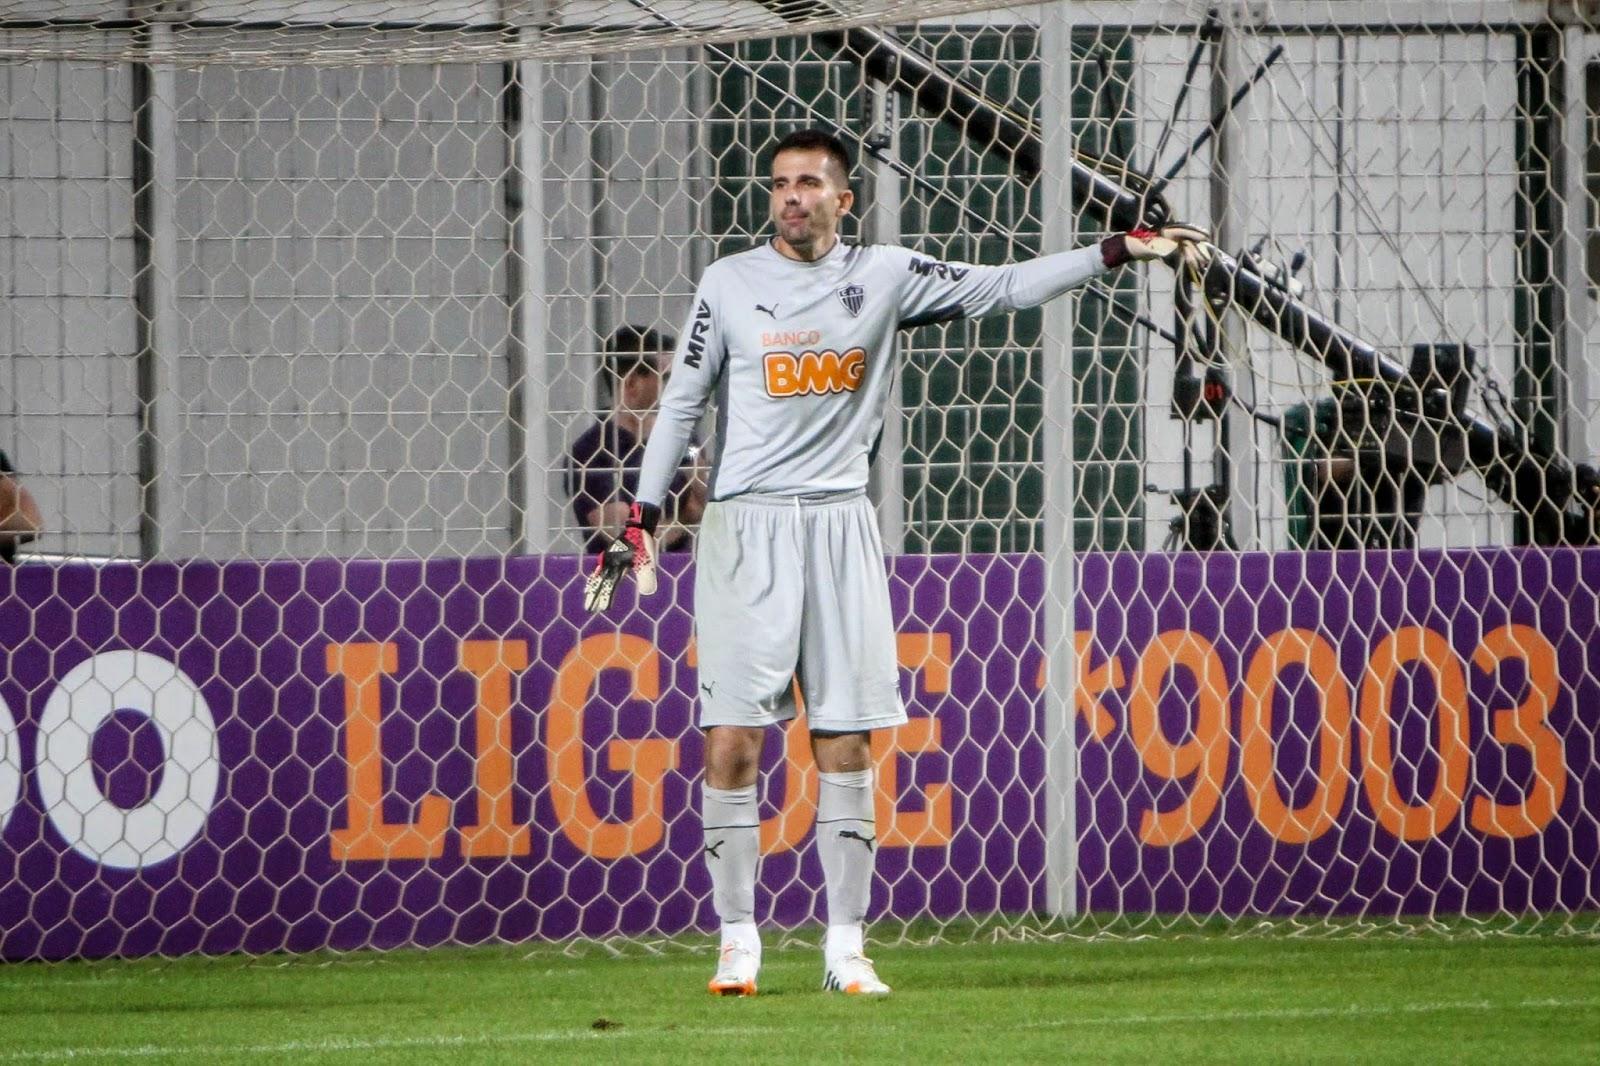 d2f184baa Victor compara convocação com defesa contra o Tijuana - Esporte Jundiaí